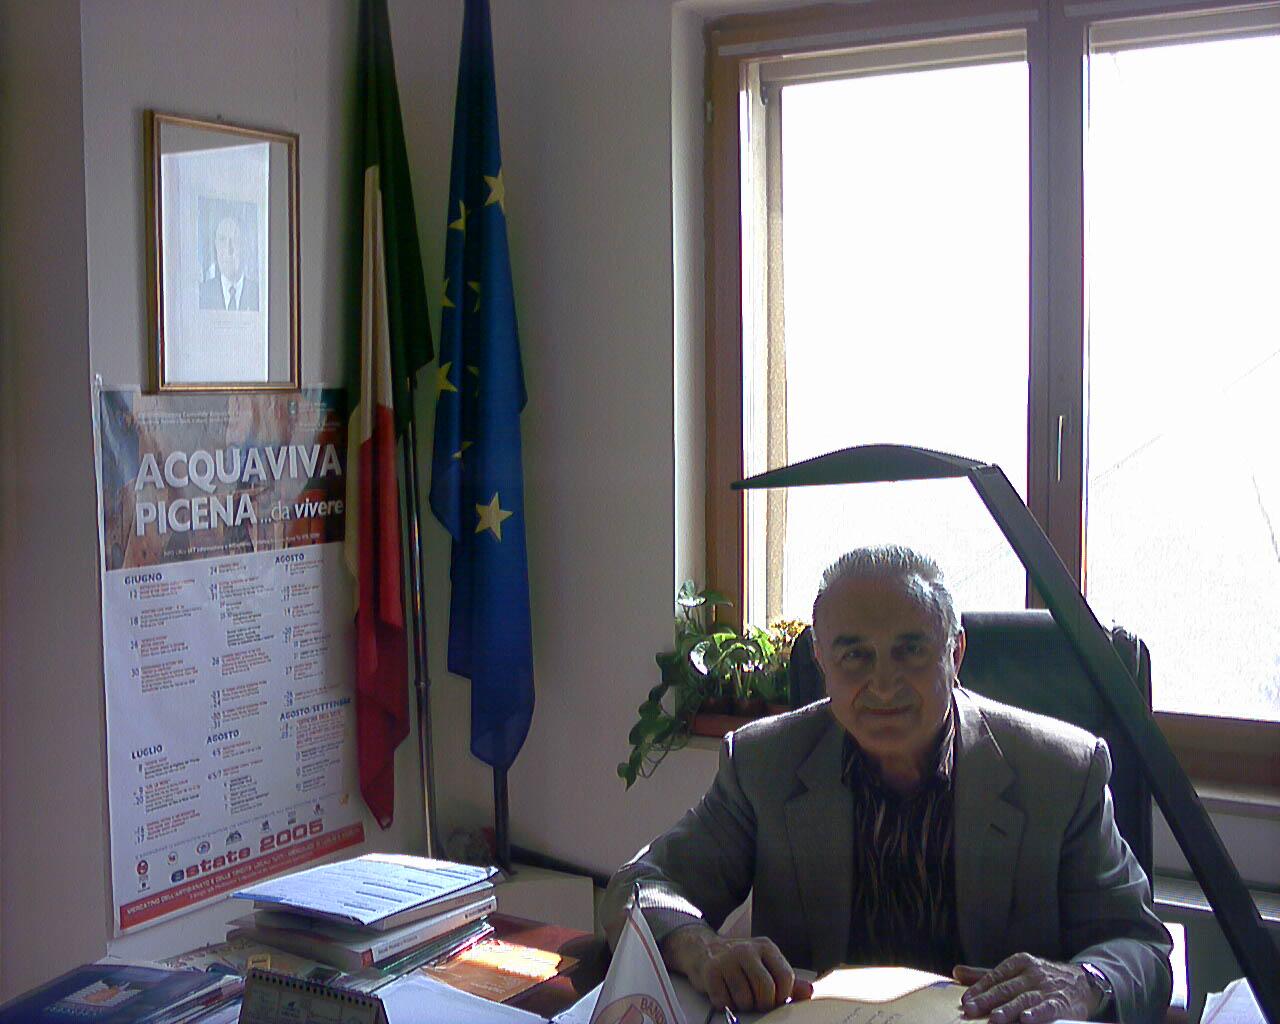 Il sindaco di Acquaviva Tarcisio Infriccioli nel suo studio